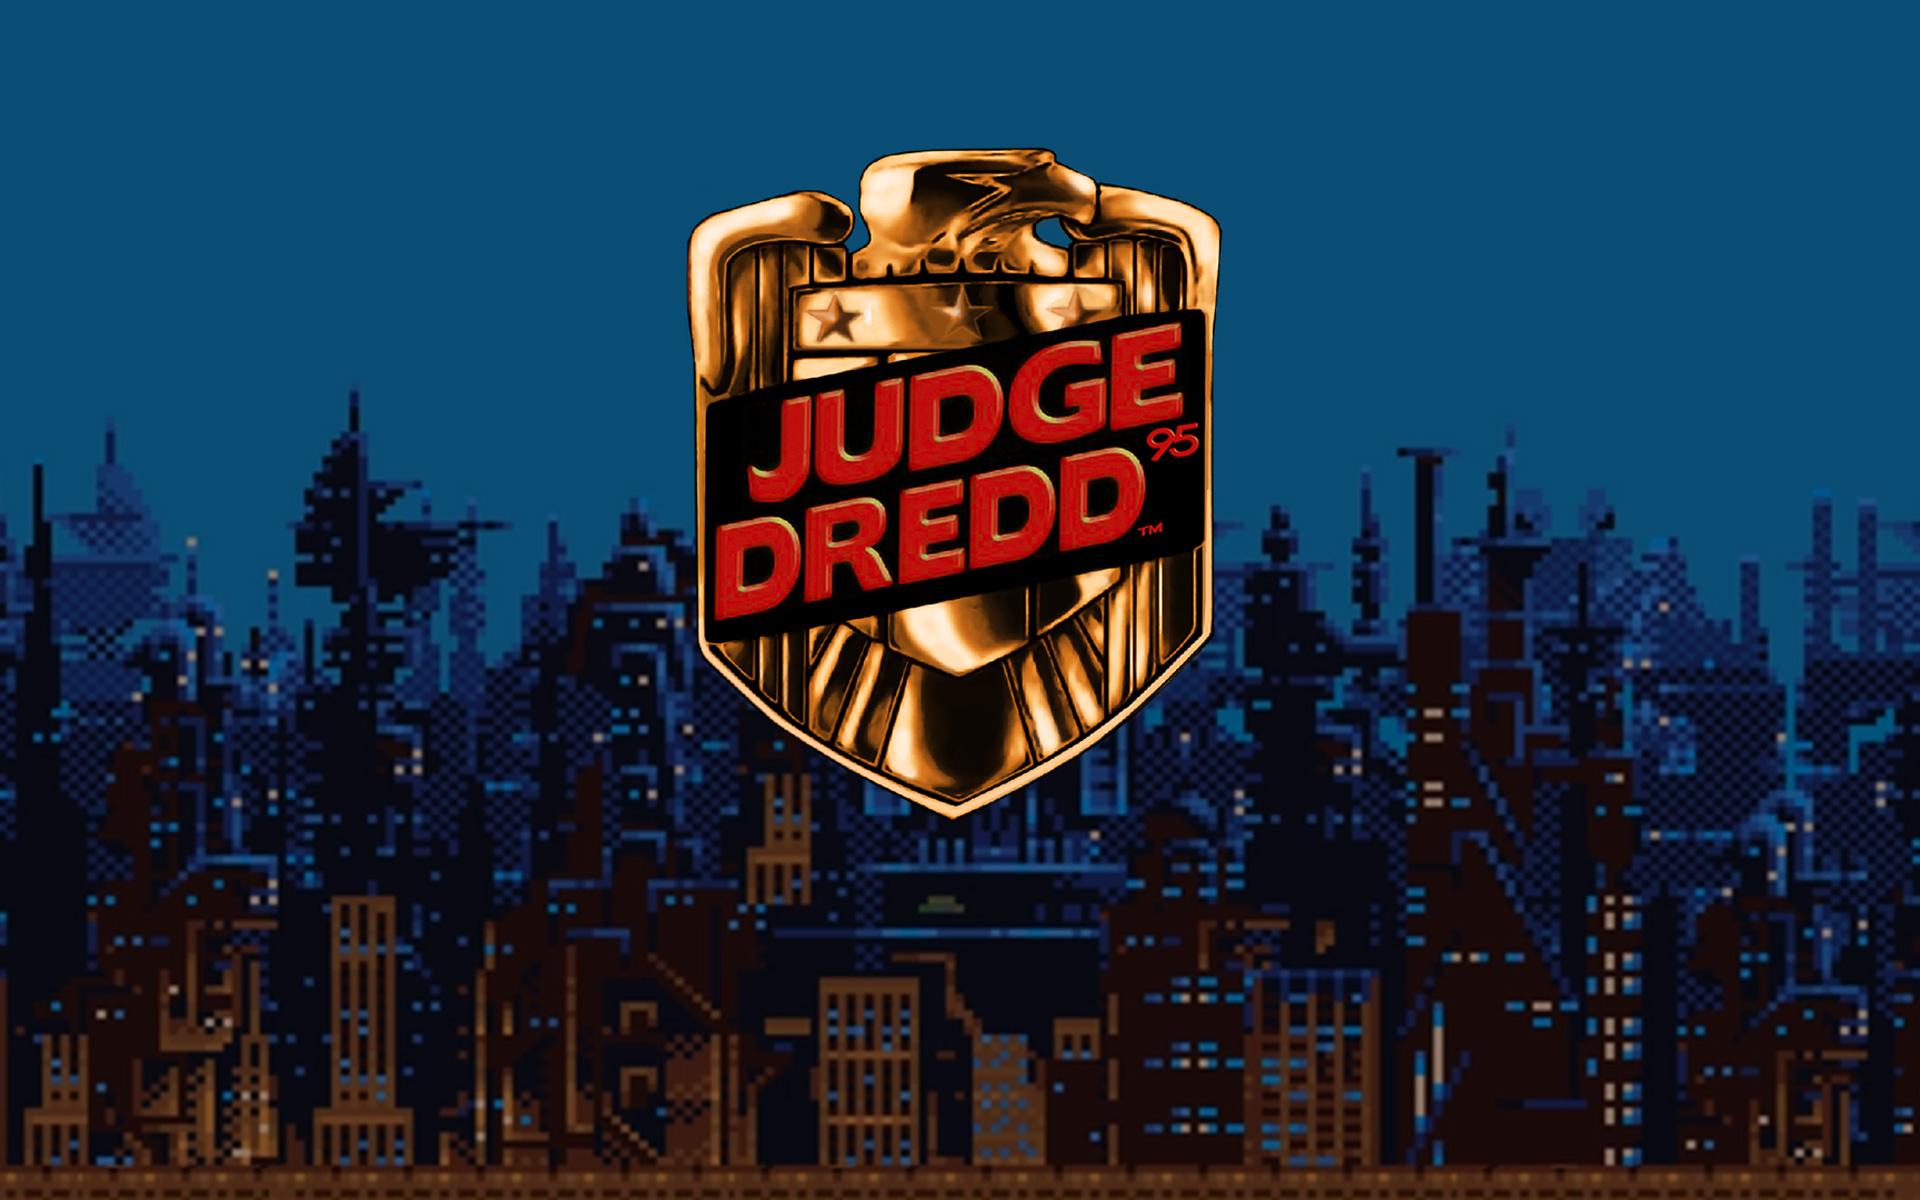 Free Judge Dredd 95 Wallpaper in 1920x1200